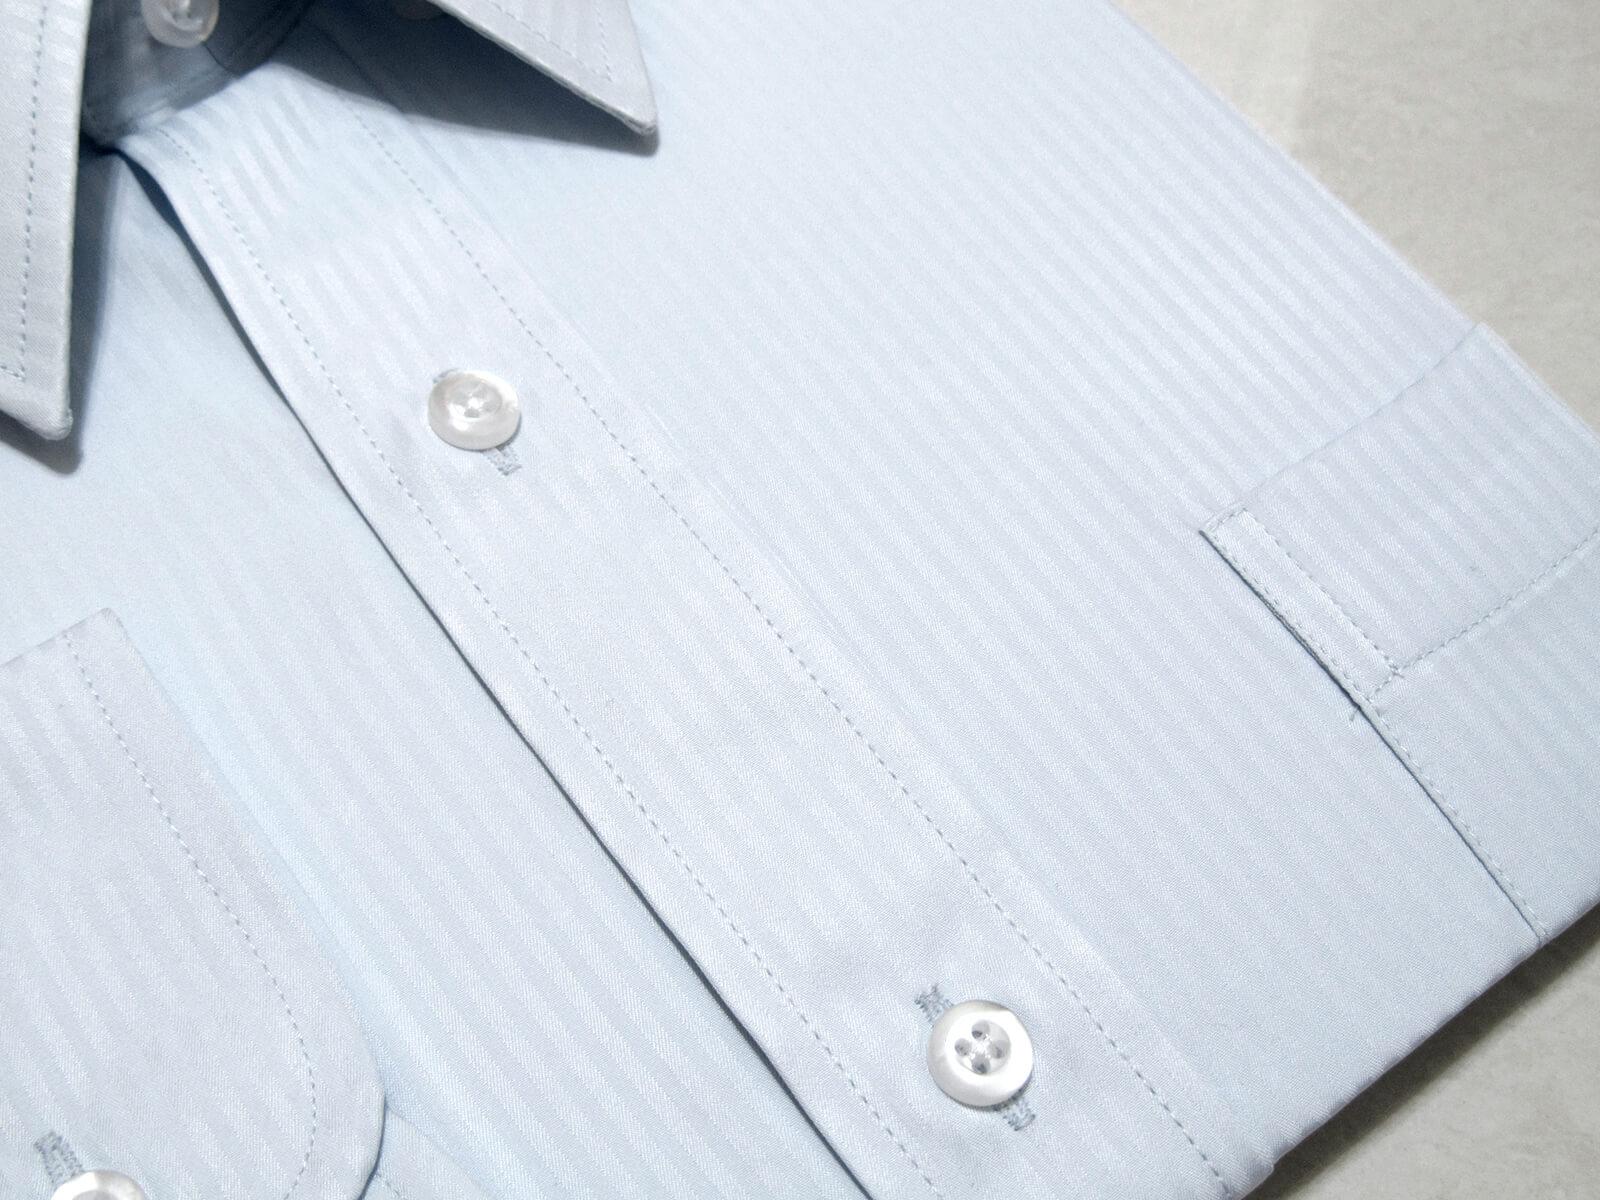 長袖條紋襯衫 標準襯衫 上班族襯衫 正式場合襯衫 商務襯衫 面試襯衫 柔棉舒適不皺免燙長袖襯衫 一般及加大尺碼襯衫 五種顏色可供選擇(335-701-01)白色襯衫、(335-703-09)淺藍色襯衫、(335-707-22)灰色襯衫、(335-710-14)淺黃色襯衫、(335-711-21)黑色襯衫 [實體店面保障] sun-e 7